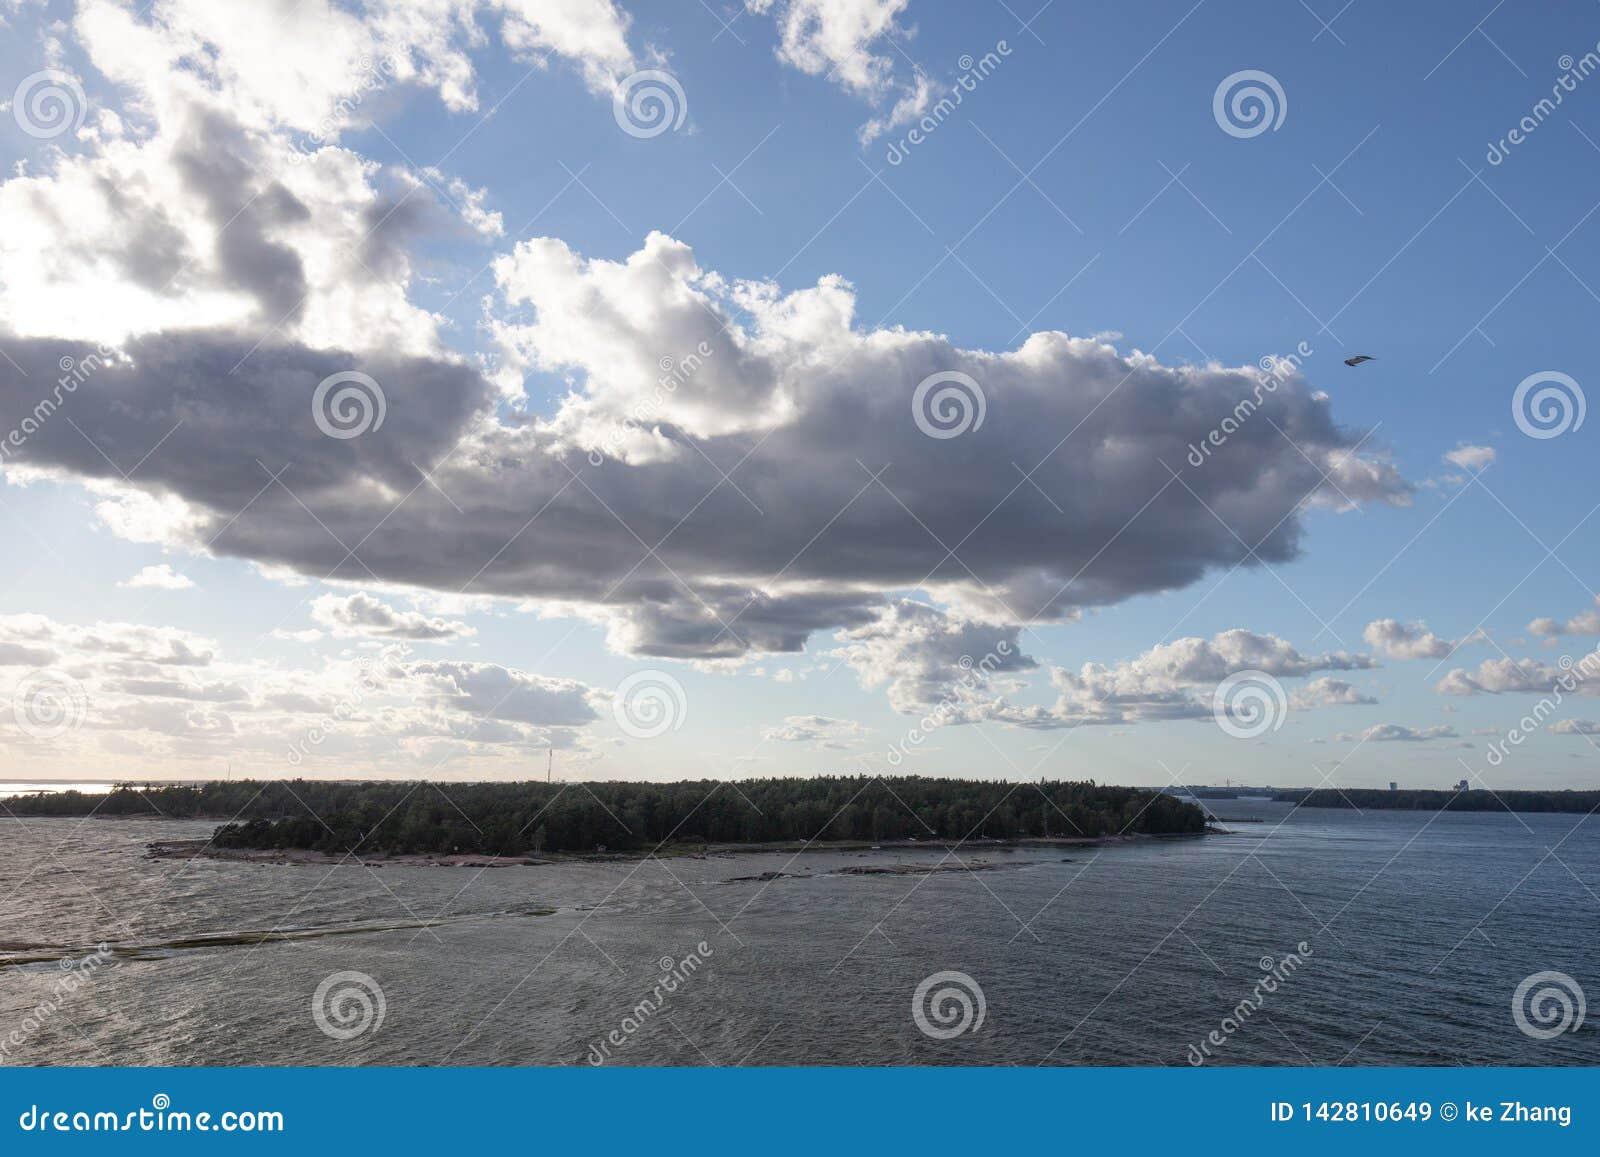 Sol som bryter till och med moln över vatten